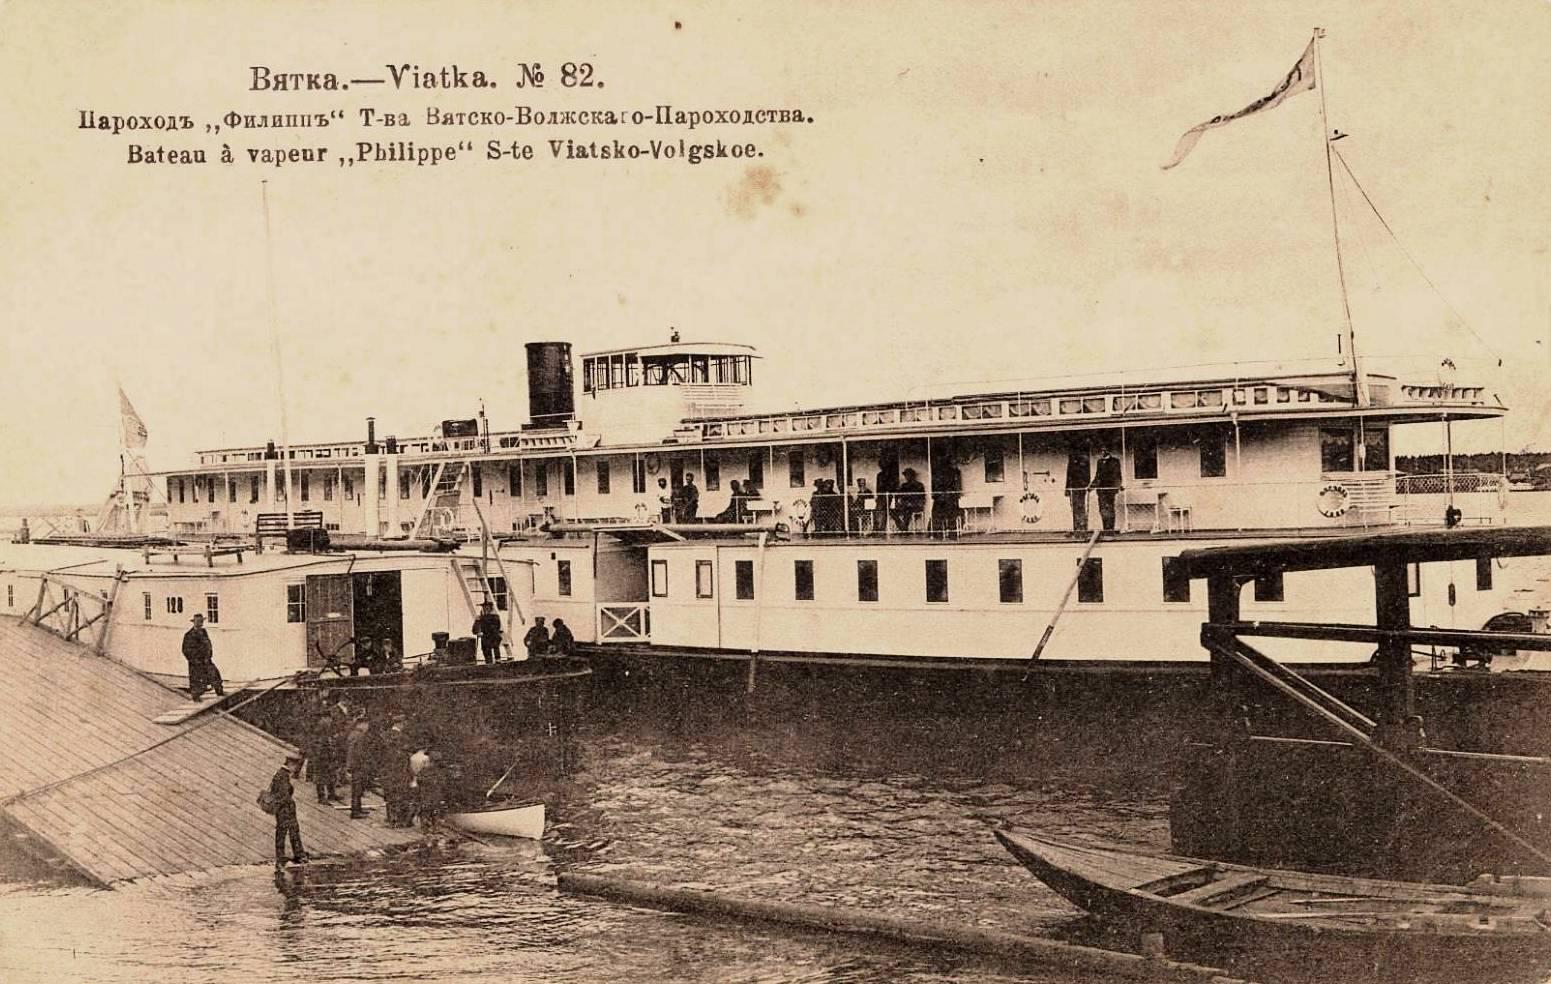 Река Вятка. Пароход Филип В.-В. пароходства.